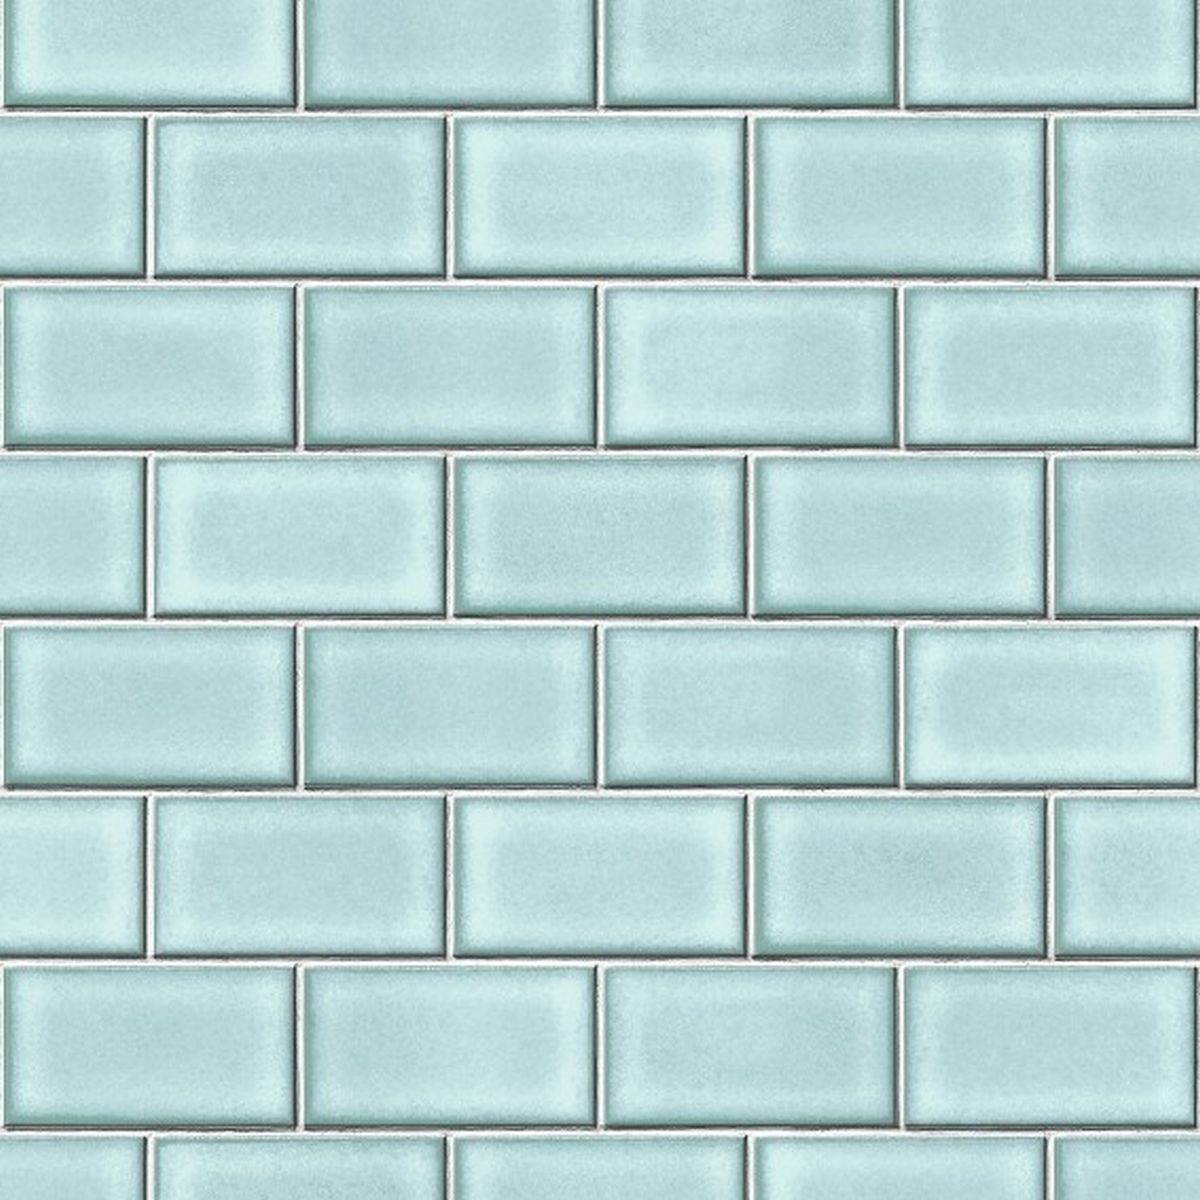 DesignID Vliestapete Prächtiges Design BA220106 Blau Steintapete